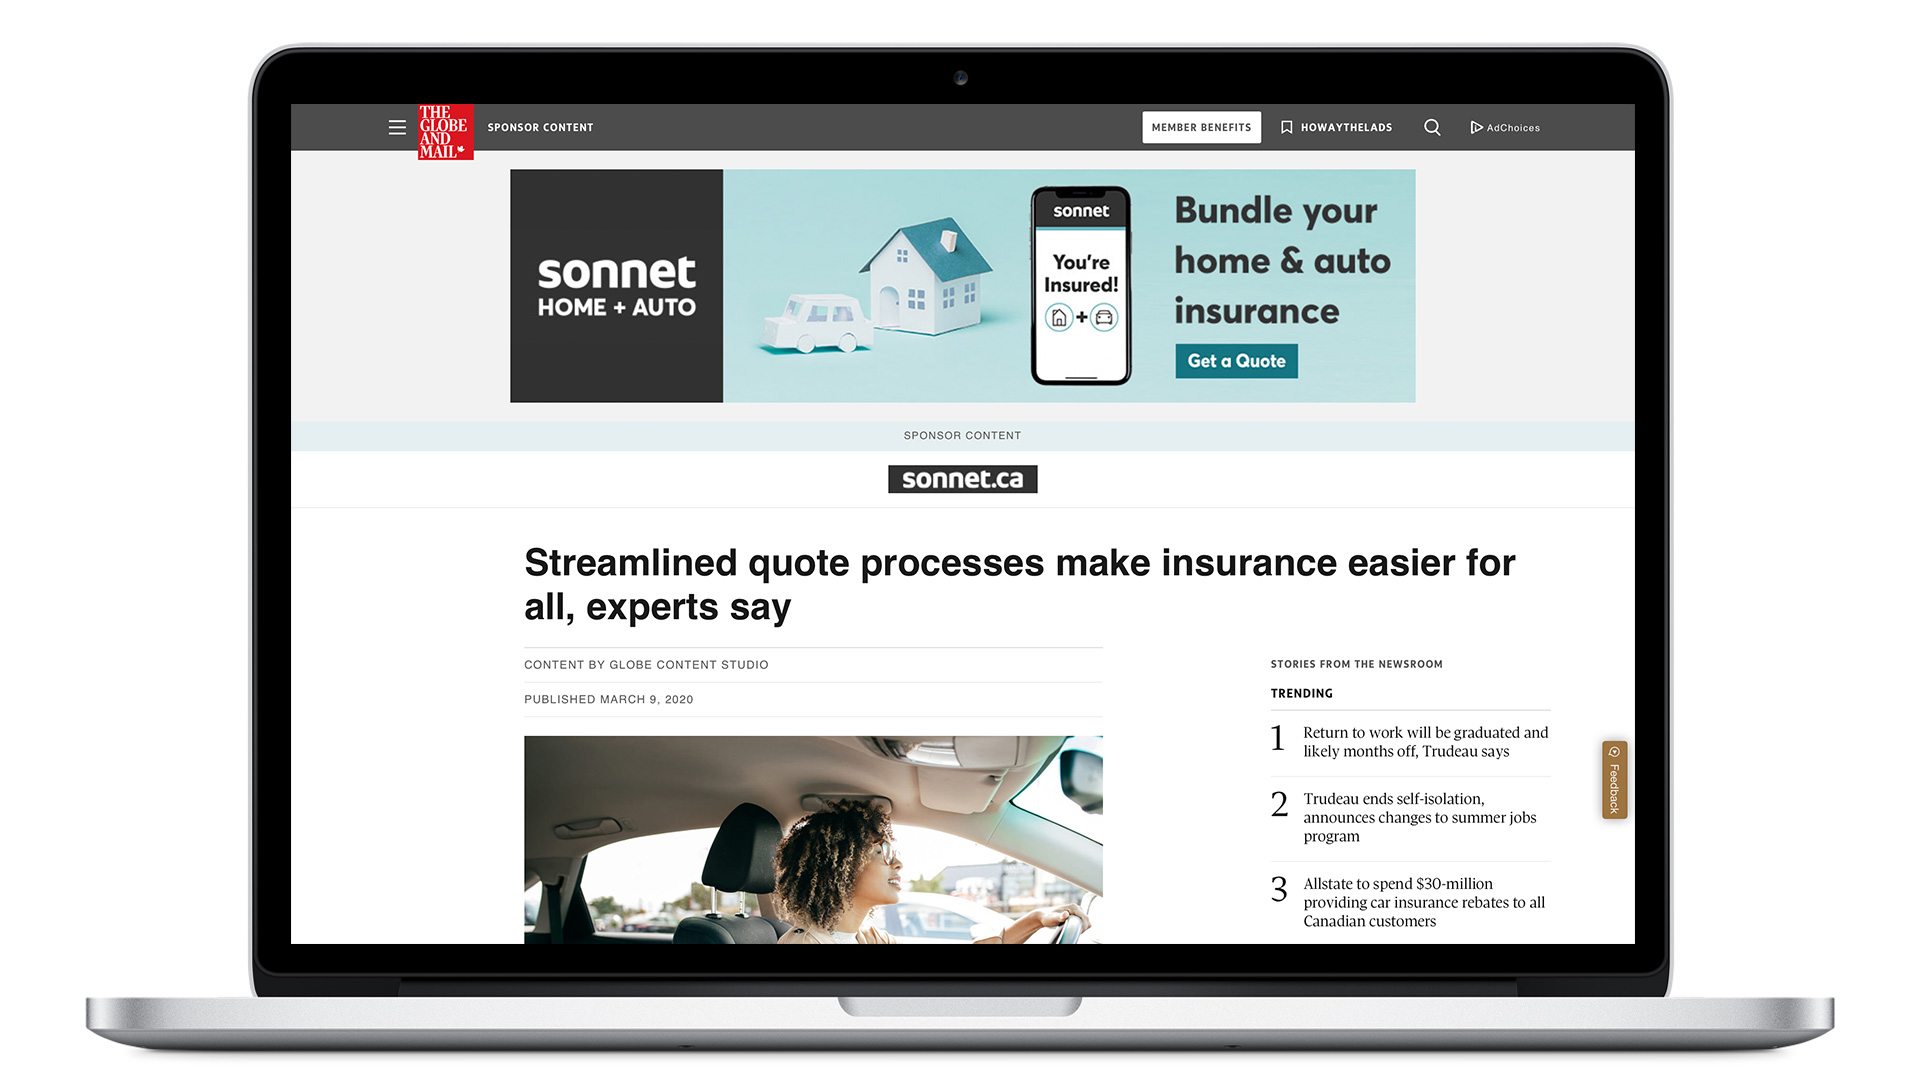 Sonnet-Insurance-Sponsor-Content-Laptop-2-1920x1080